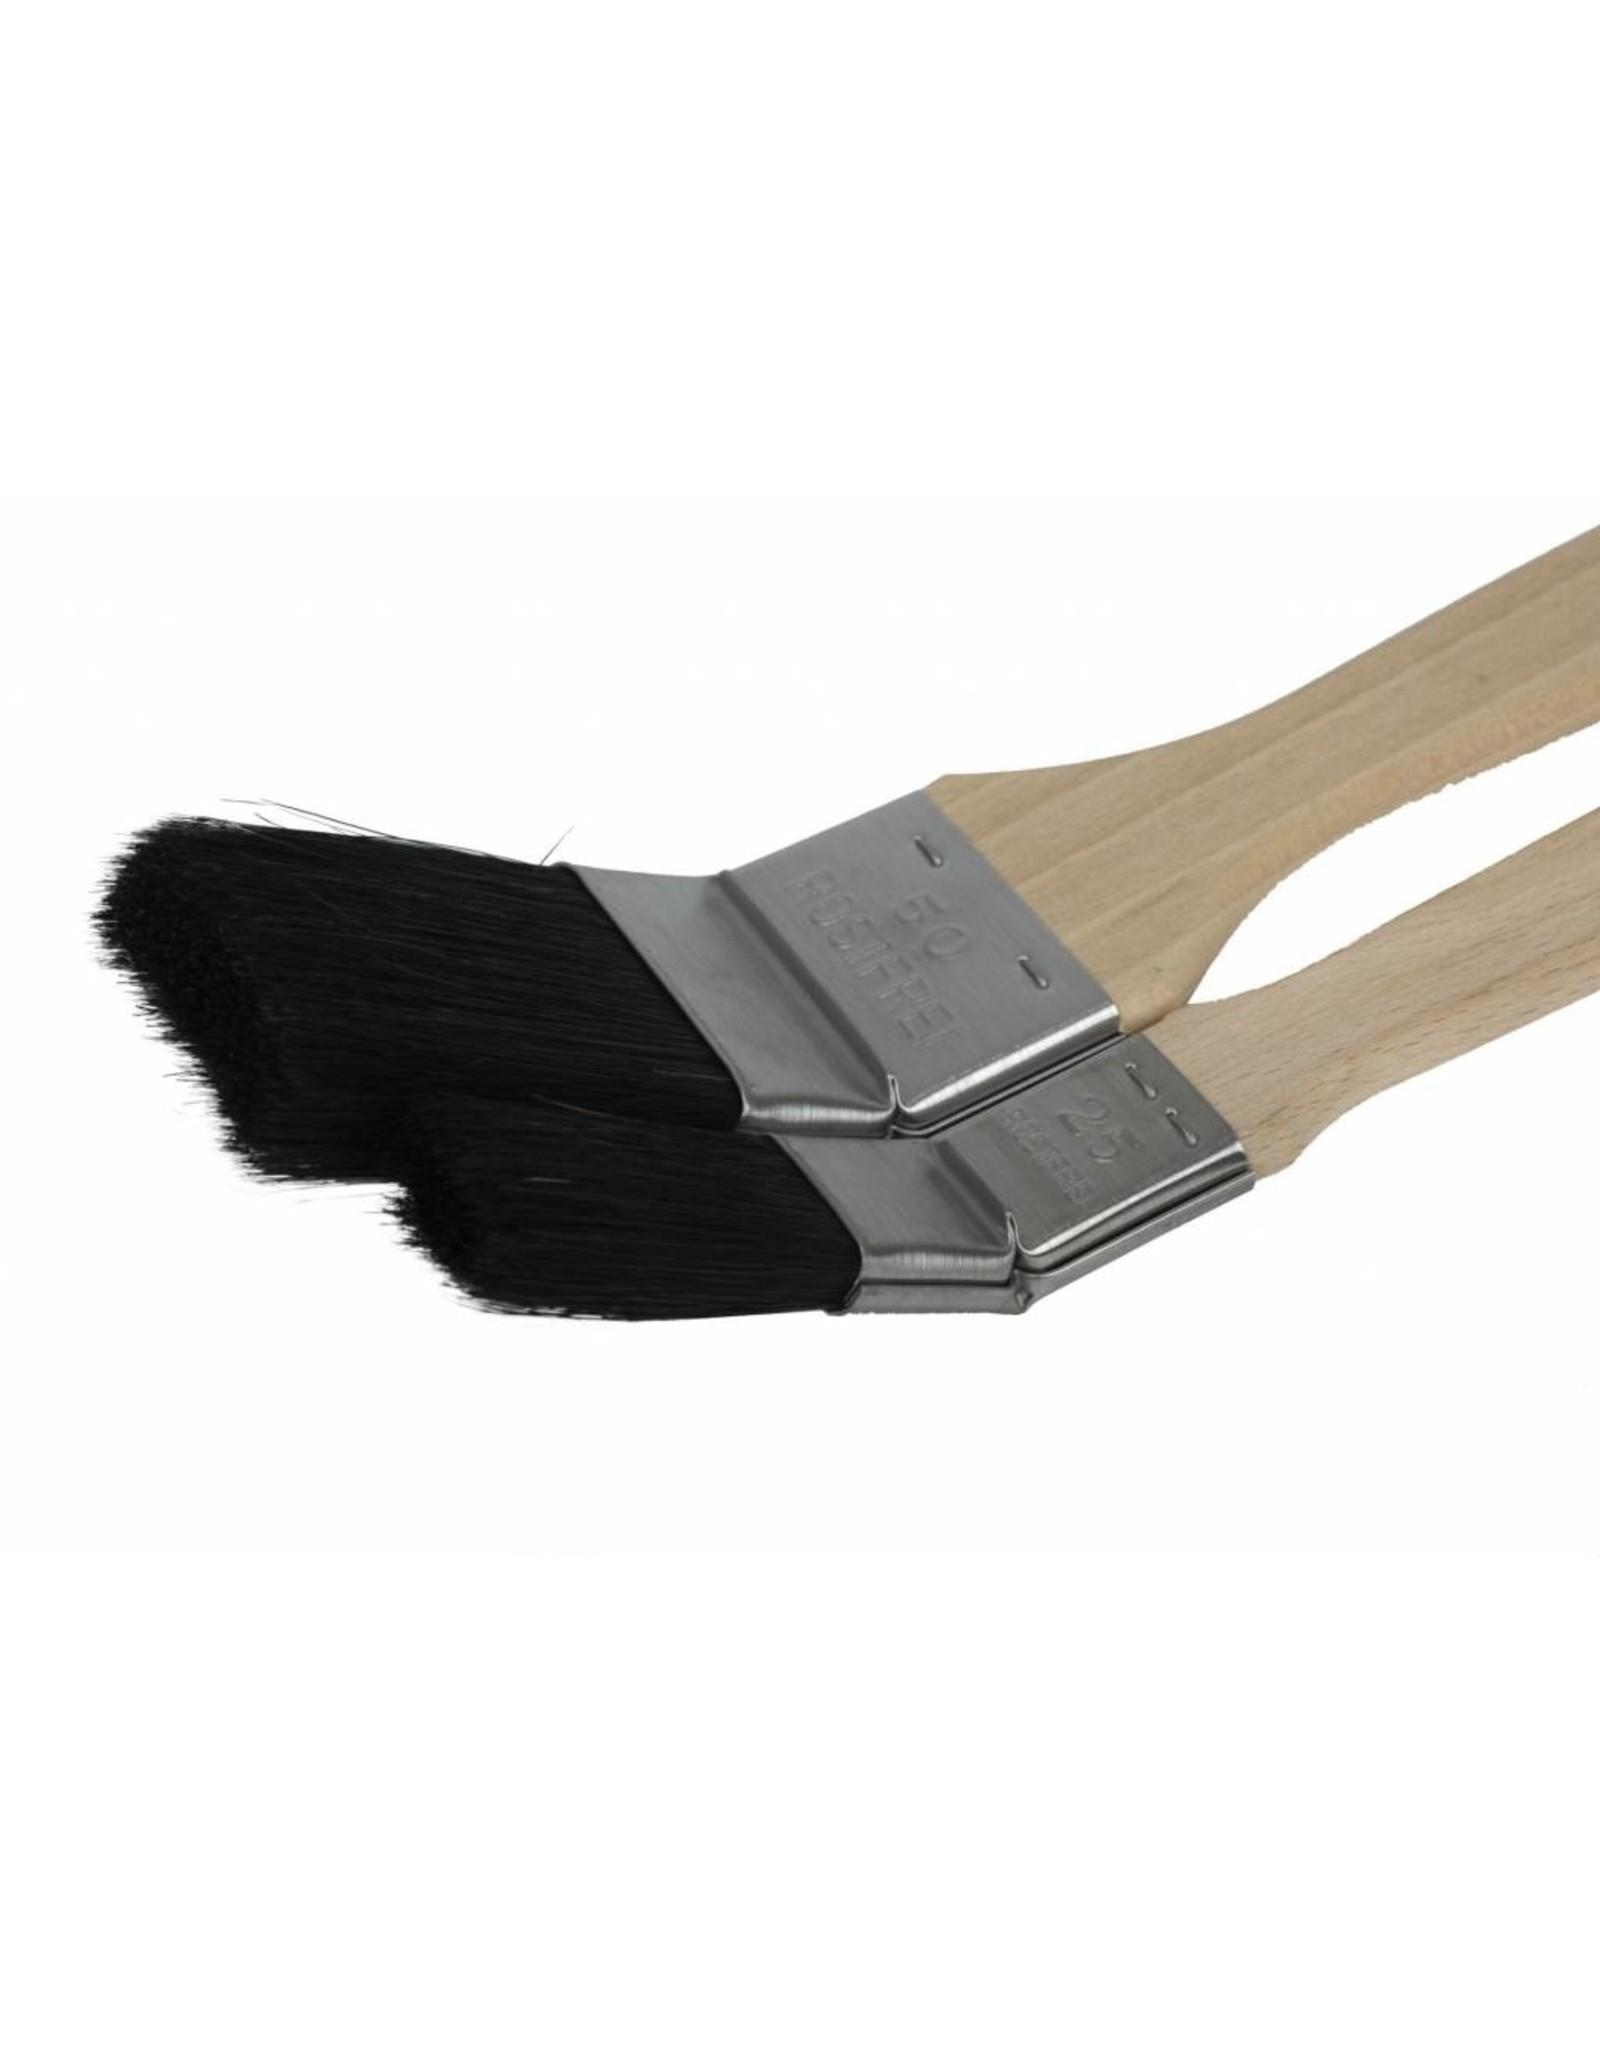 Kitzeep Schilders-radiatorkwast, zwart